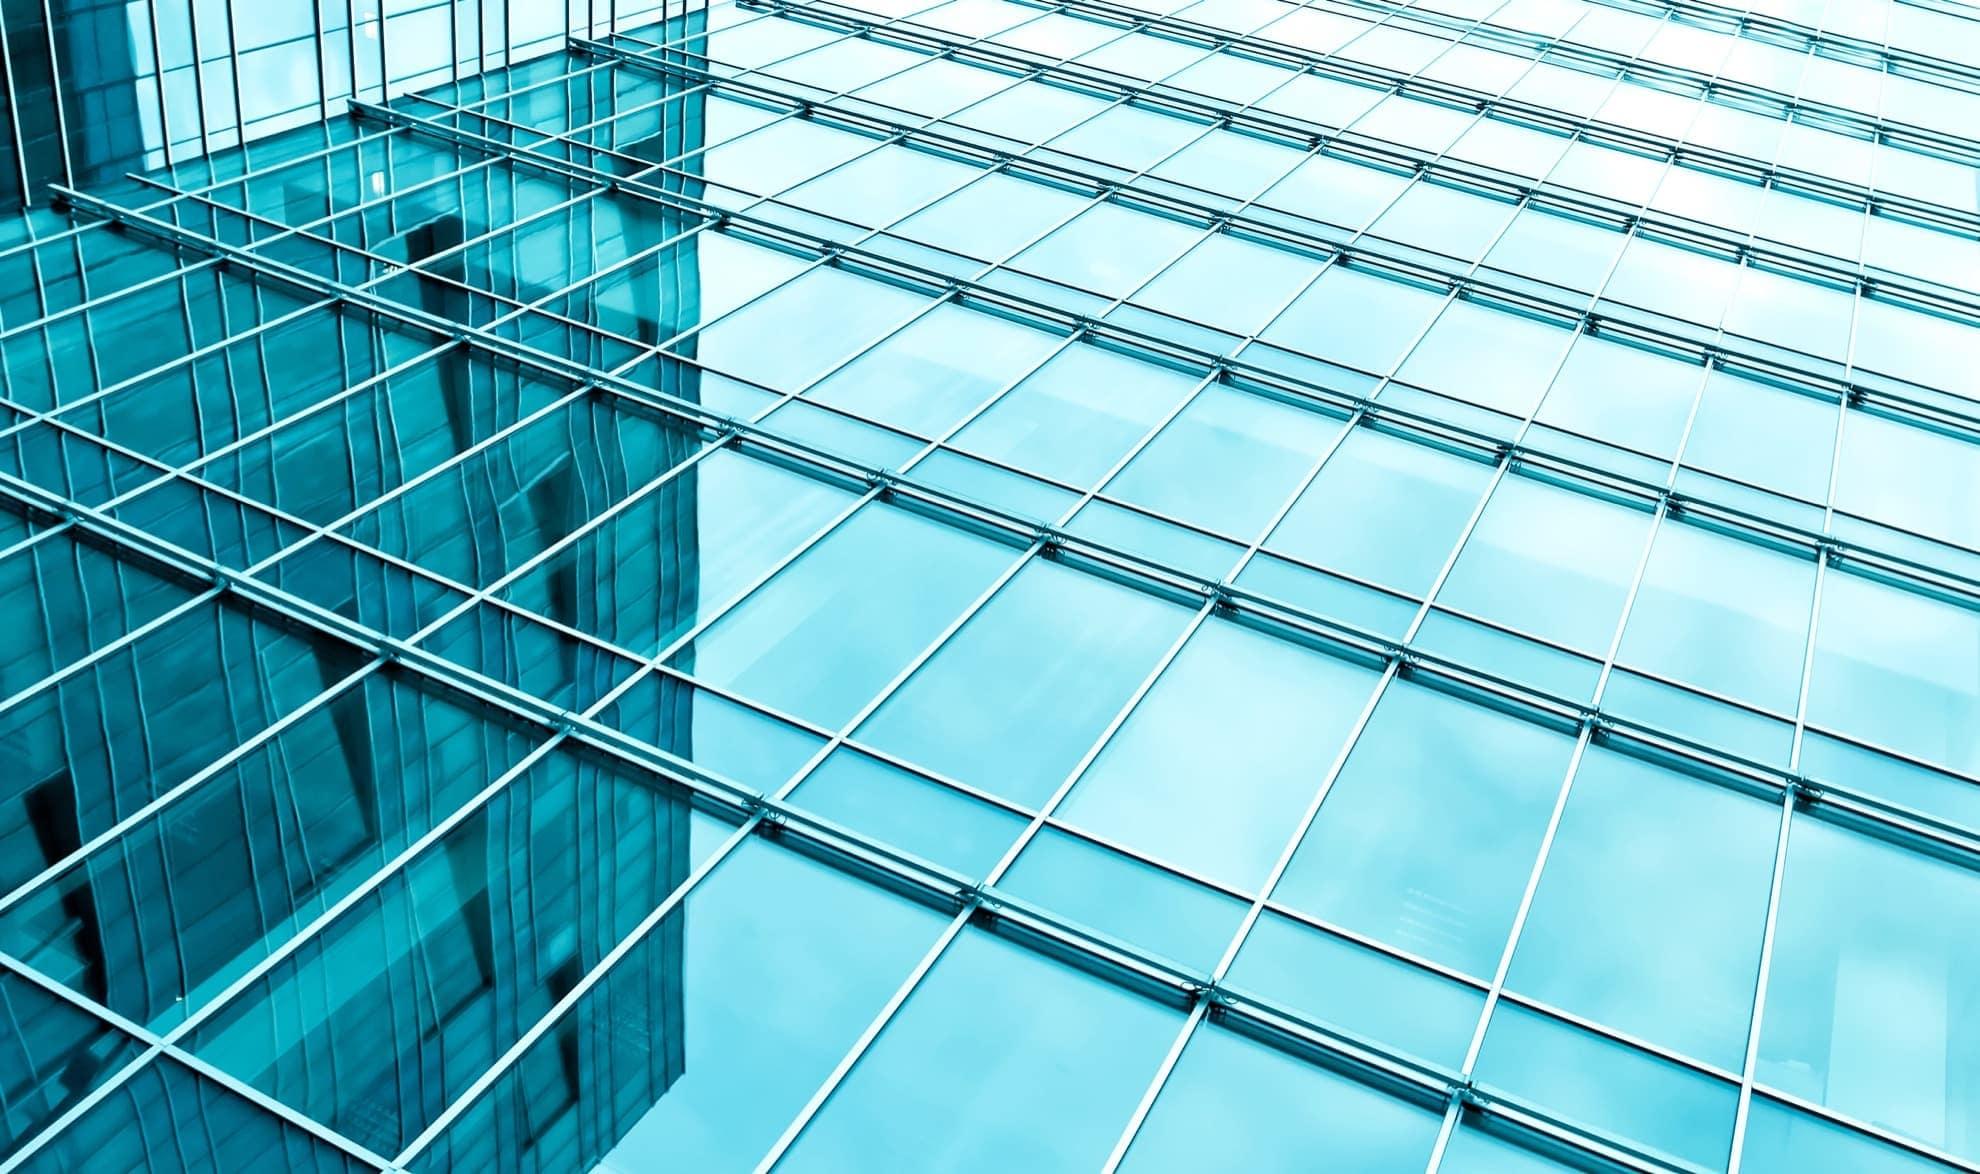 Gebäudereinigung in Frankfurt am Main · AKTIV Gebäudemanagement - Gebäudereinigung in Frankfurt am Main · AKTIV Gebäudemanagement - Glas & Fensterreinigung - Angebot anfragen!